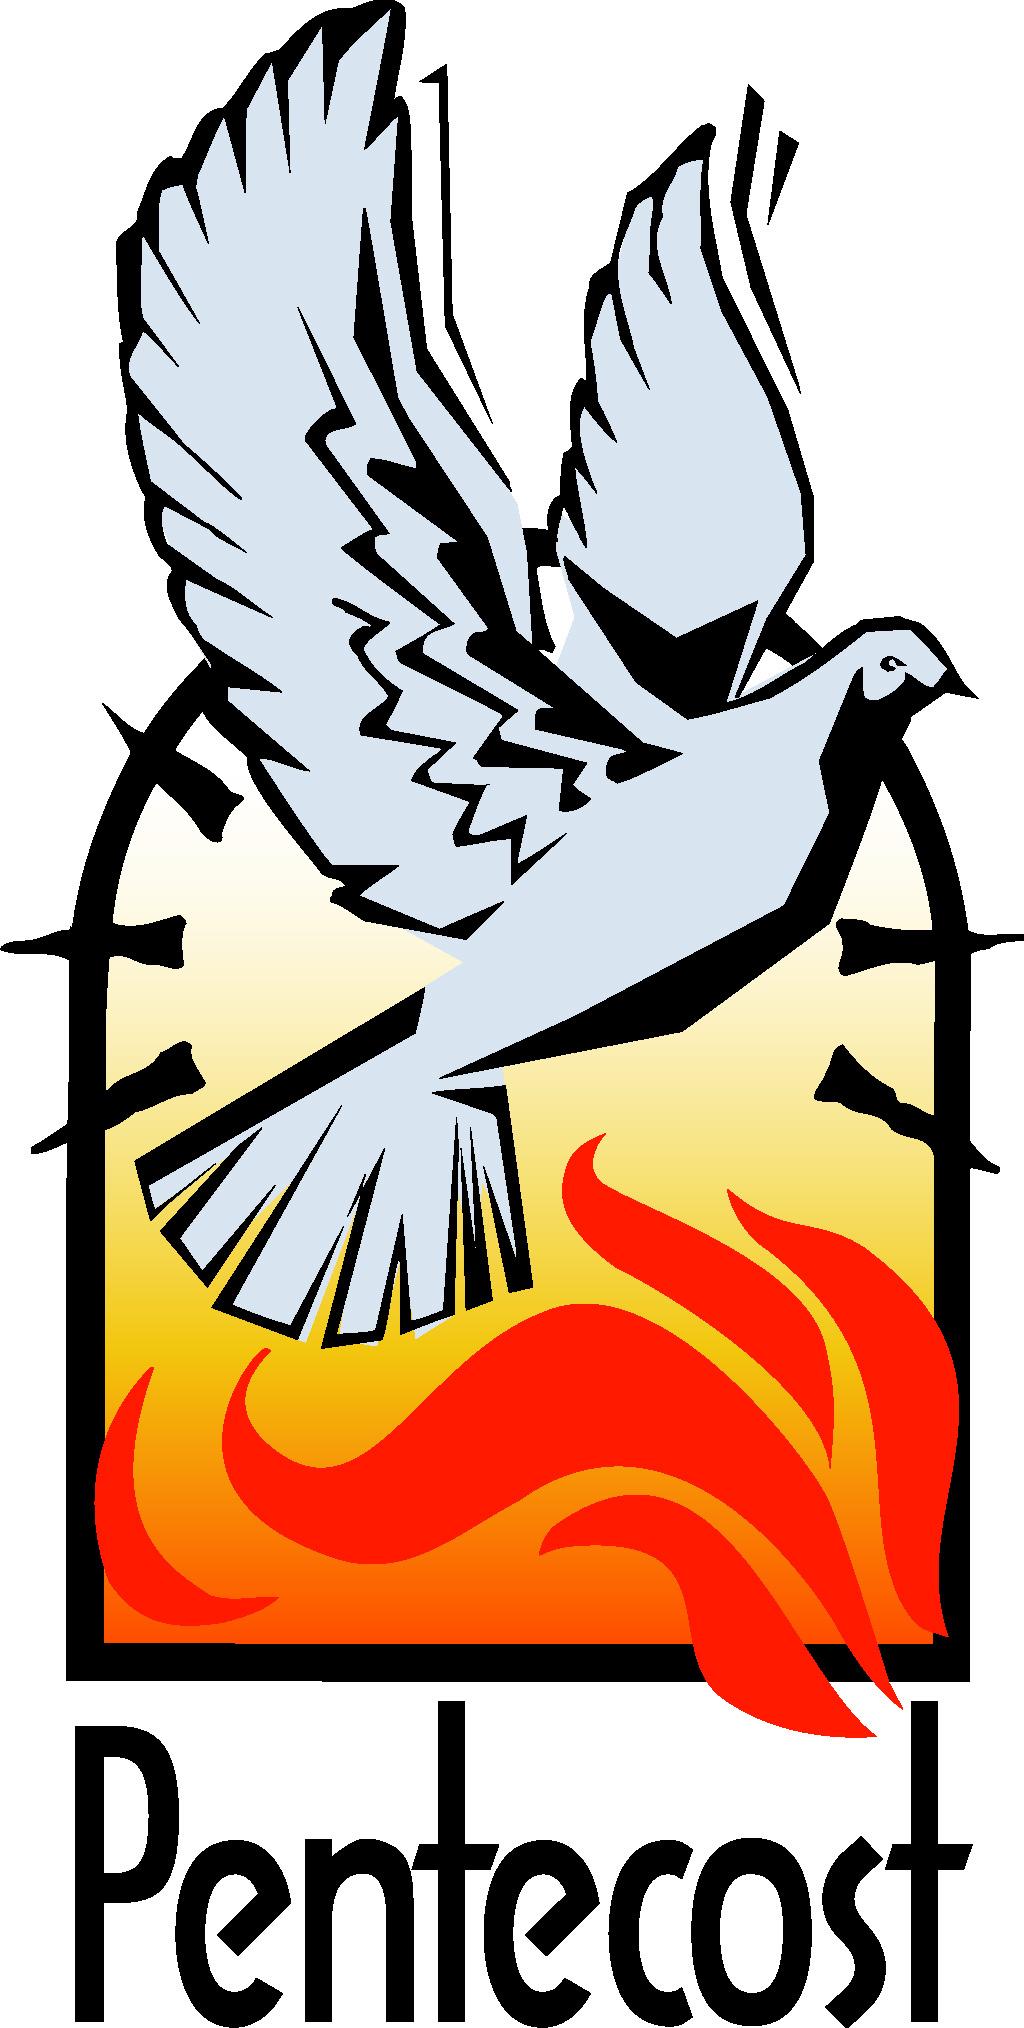 Pentecost clipart fire water.